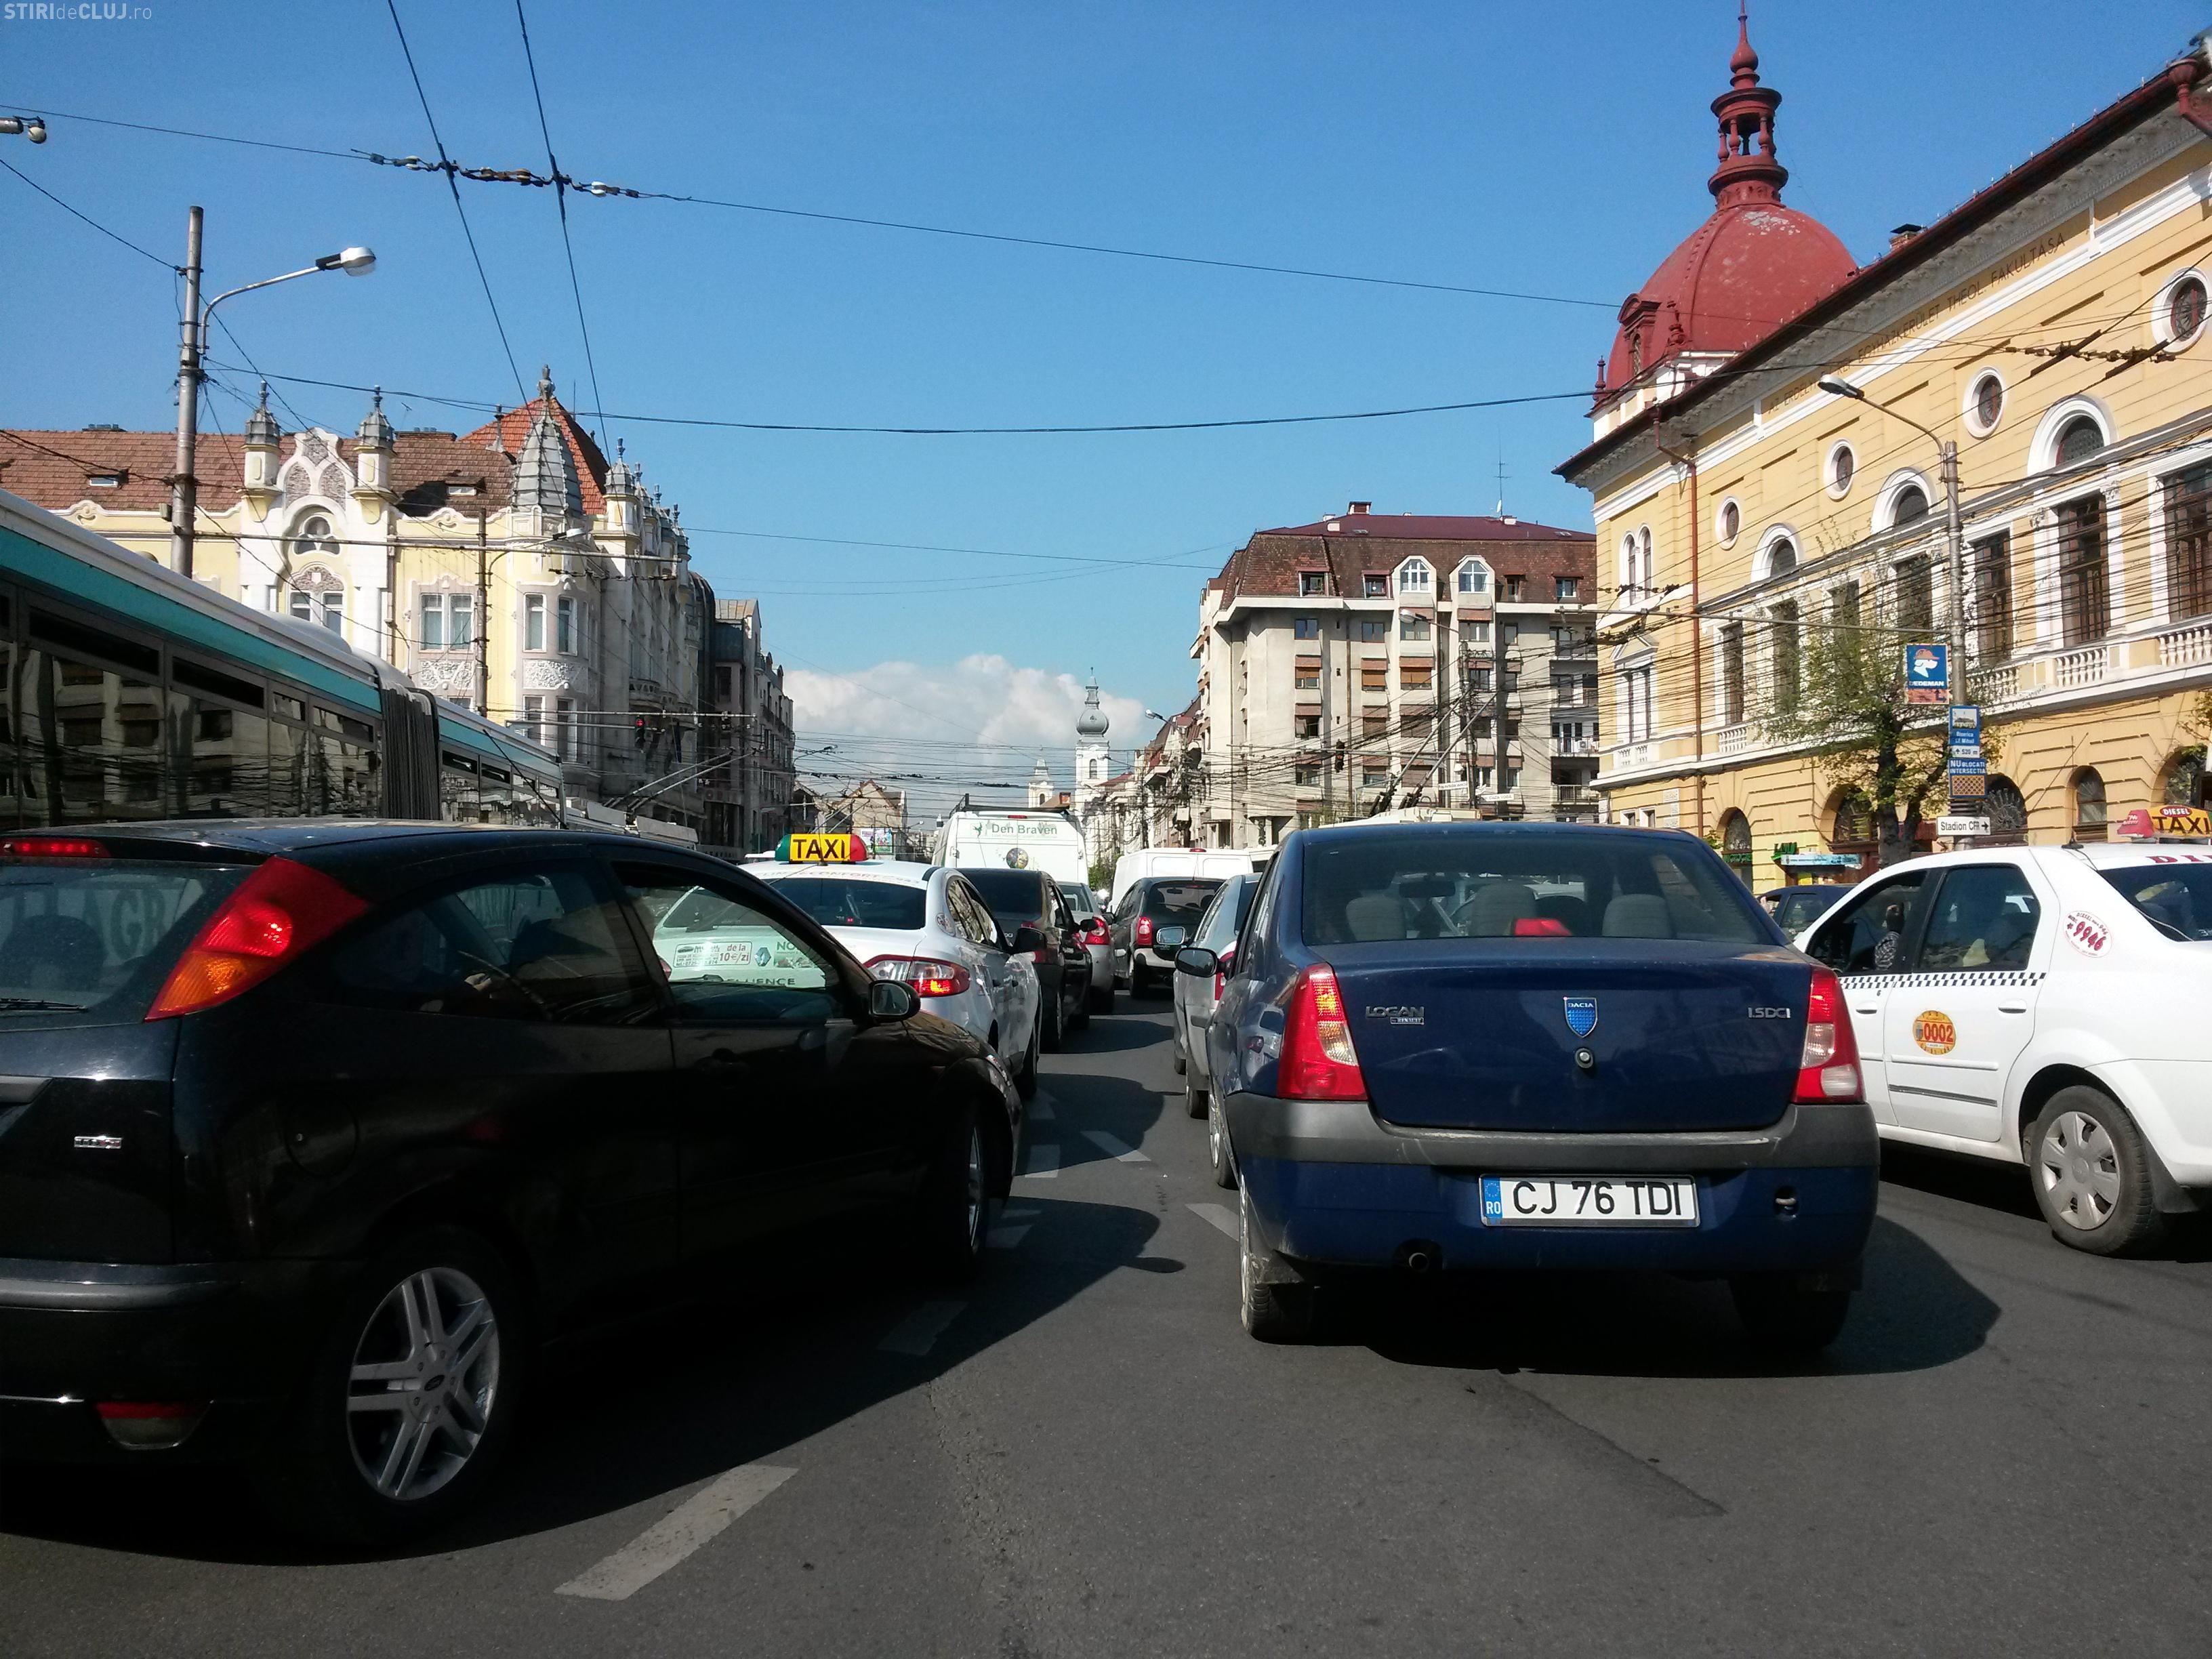 Mesajul unui orășean: Clujul, un Bucuresti mai mic. Are sau nu dreptate?